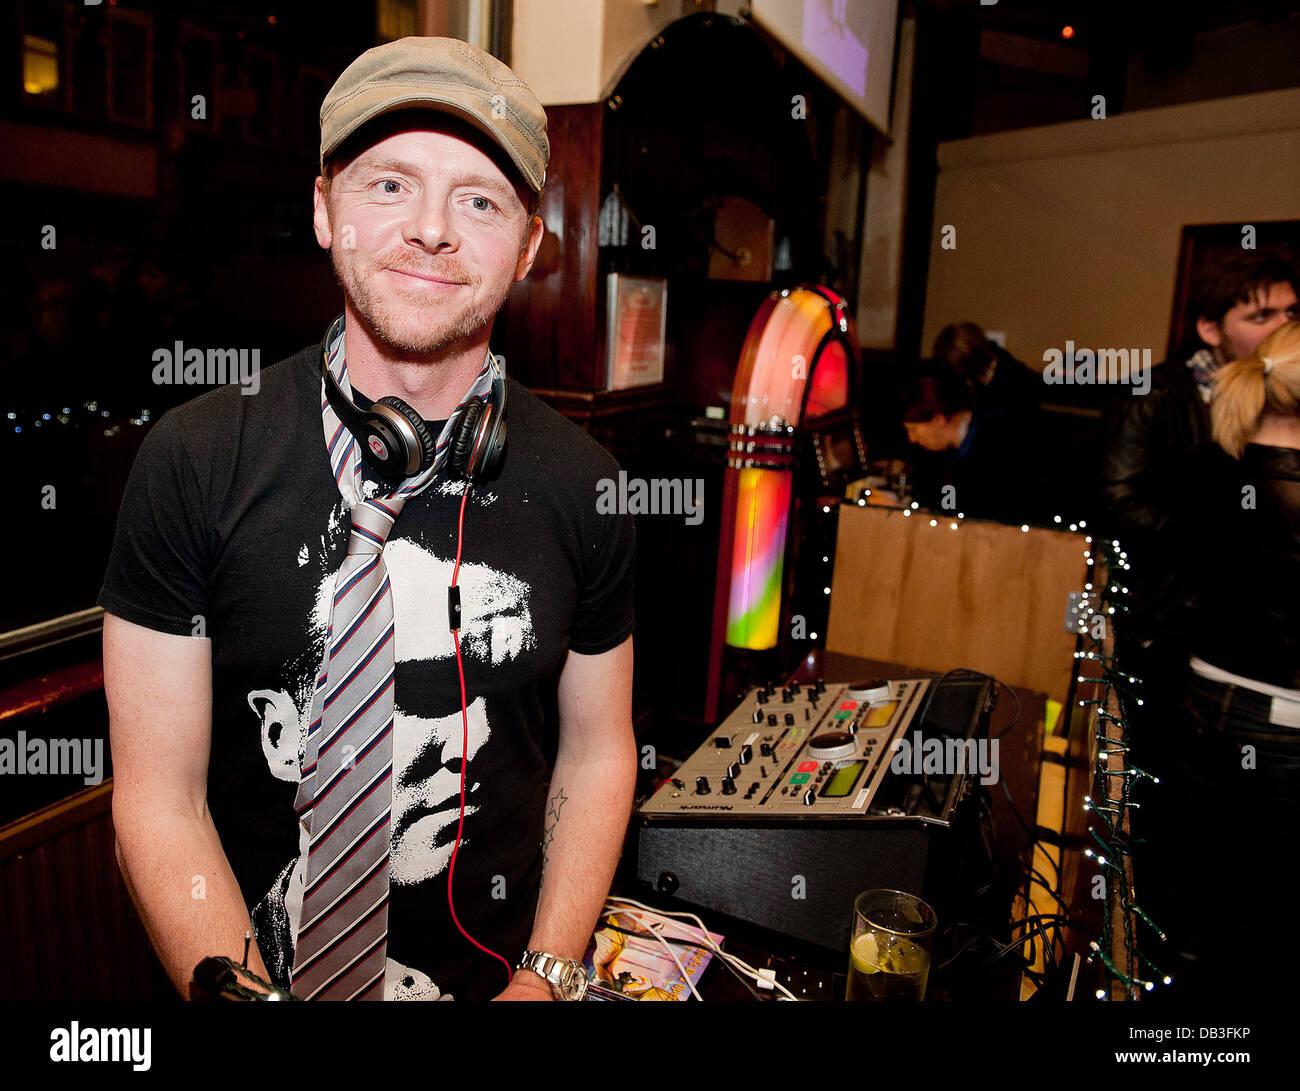 Simon Pegg at Boogaloo. London, England - 13.04.11 - Stock Image